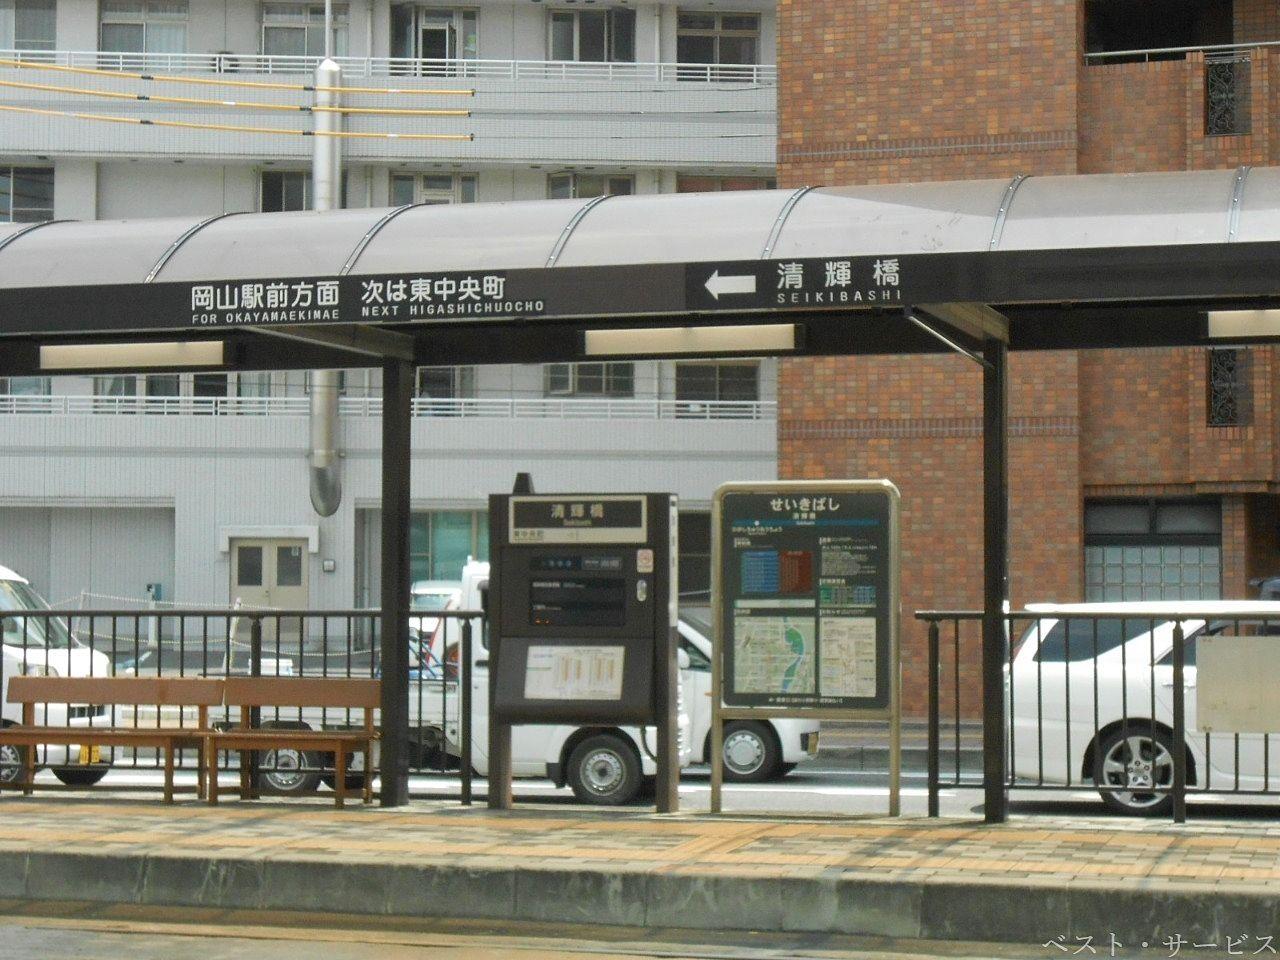 岡山電気軌道 清輝橋線「清輝橋駅」